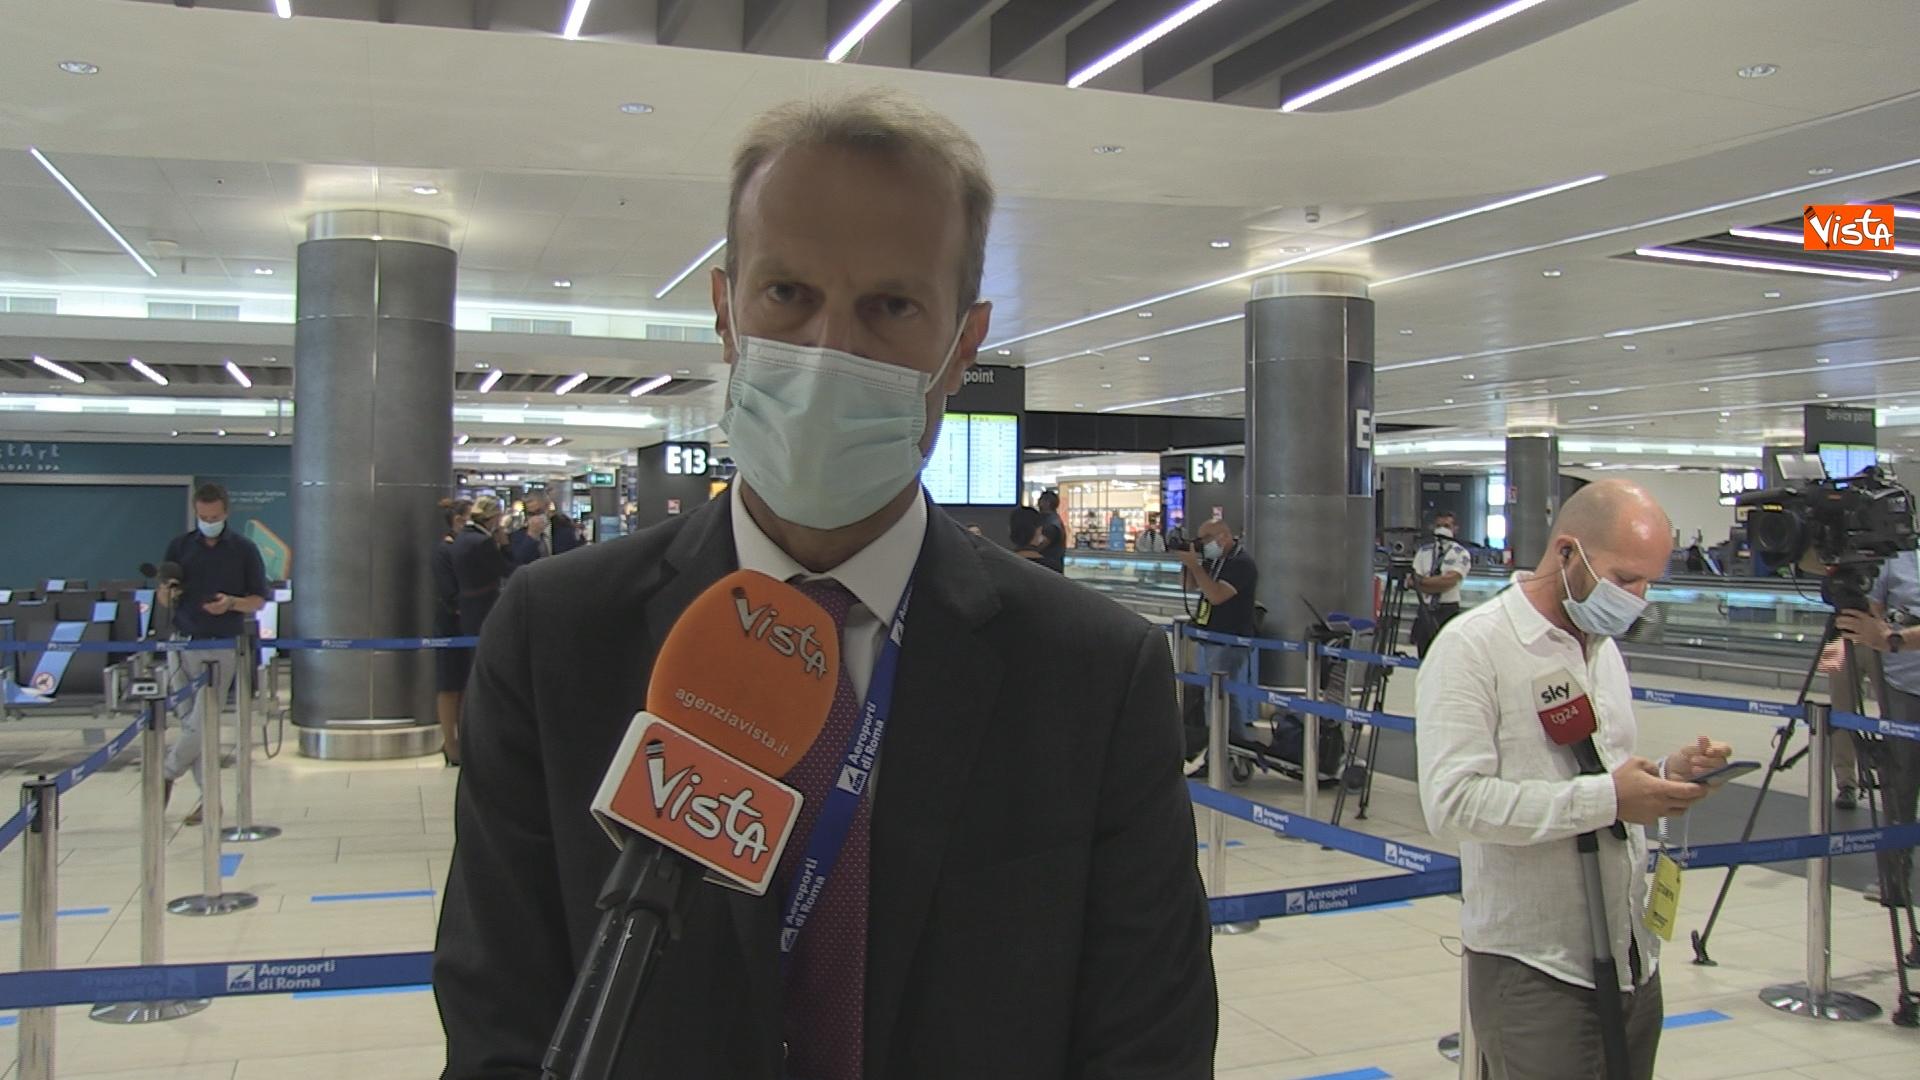 L'amministratore delegato di Aeroporti di Roma presenta il lancio dei voli sperimentali Covid-free.